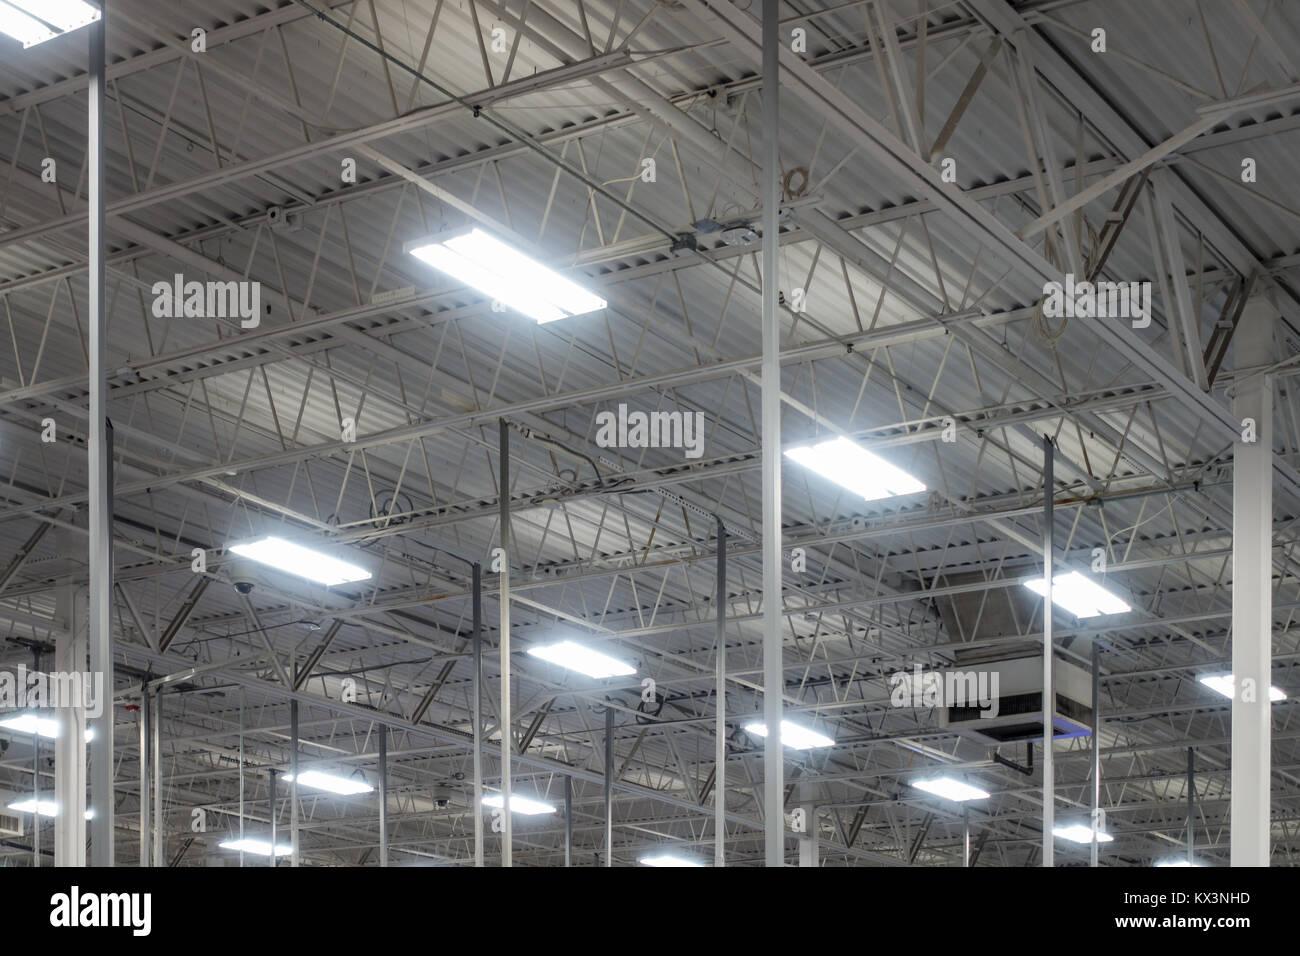 Plafond De L Entrepot Industriel Eclairage Ampoules Fluorescentes